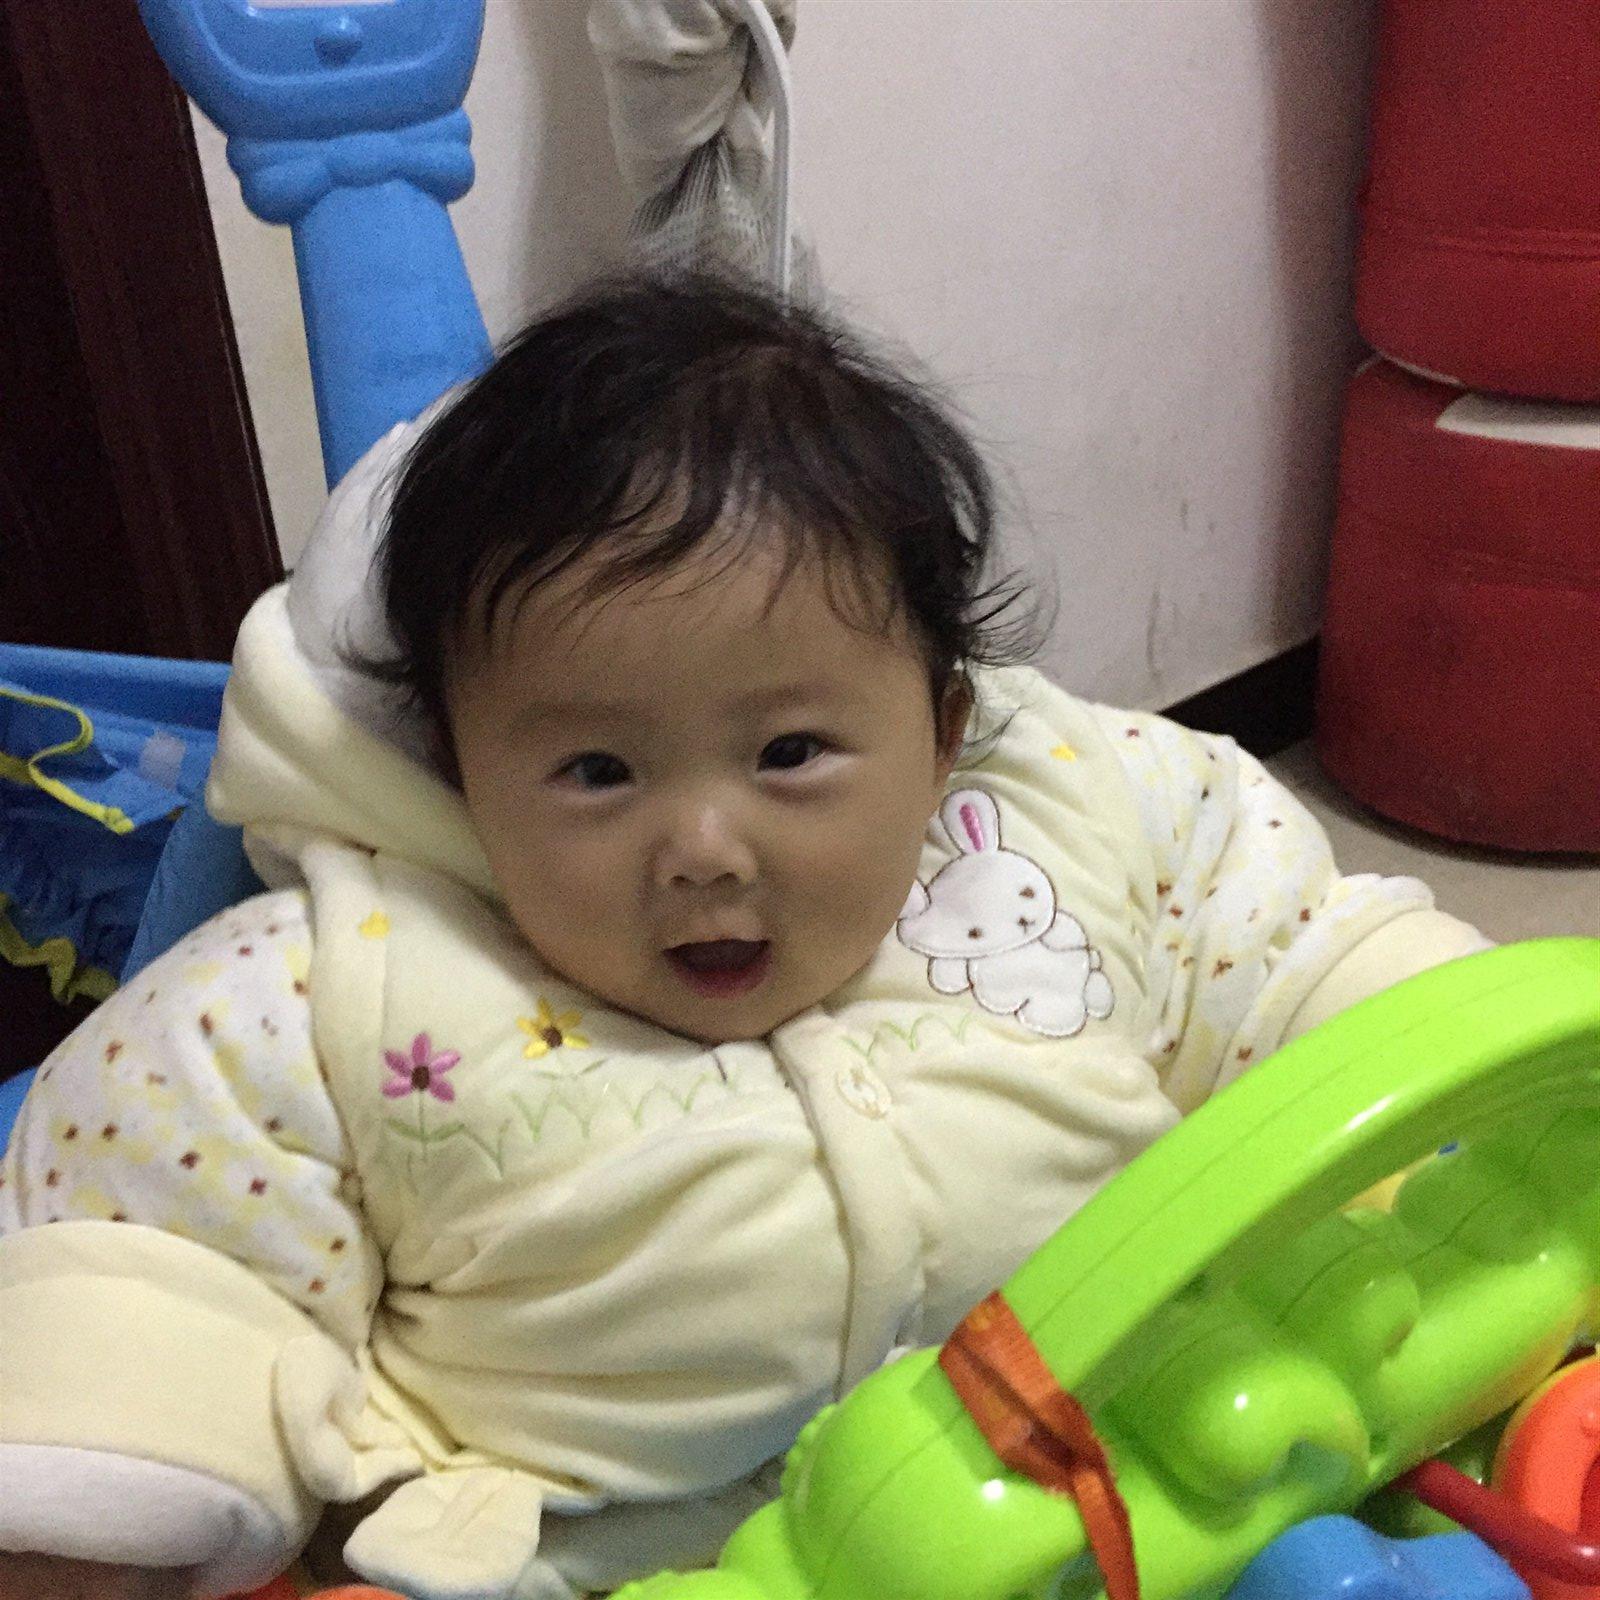 杨子萱 宝宝年龄:6个月 宝宝小名:唐宝 性别:女 宝宝介绍:可爱,爱笑